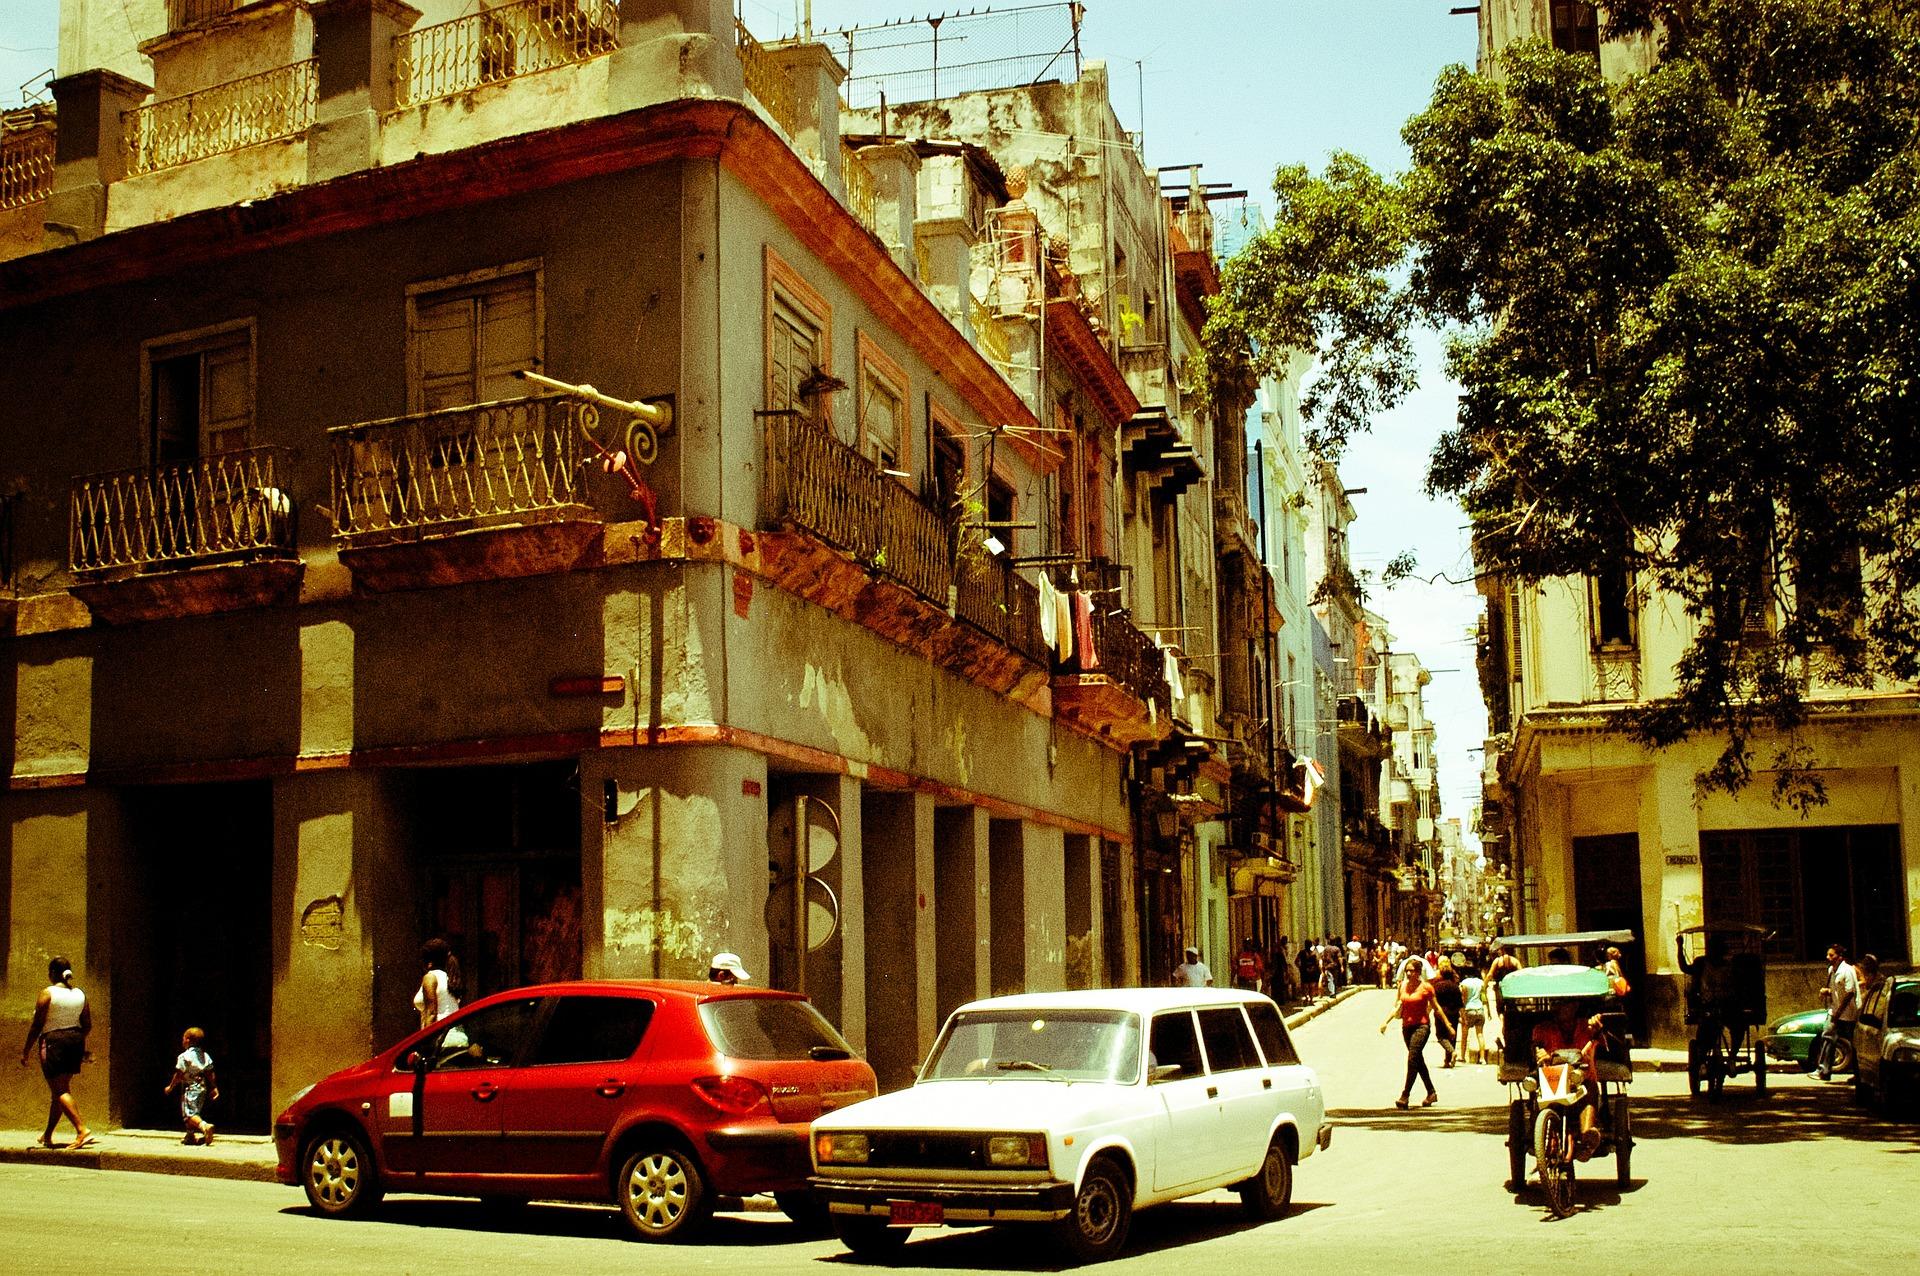 Du reist zum ersten Mal nach Kuba? Facts & Plan